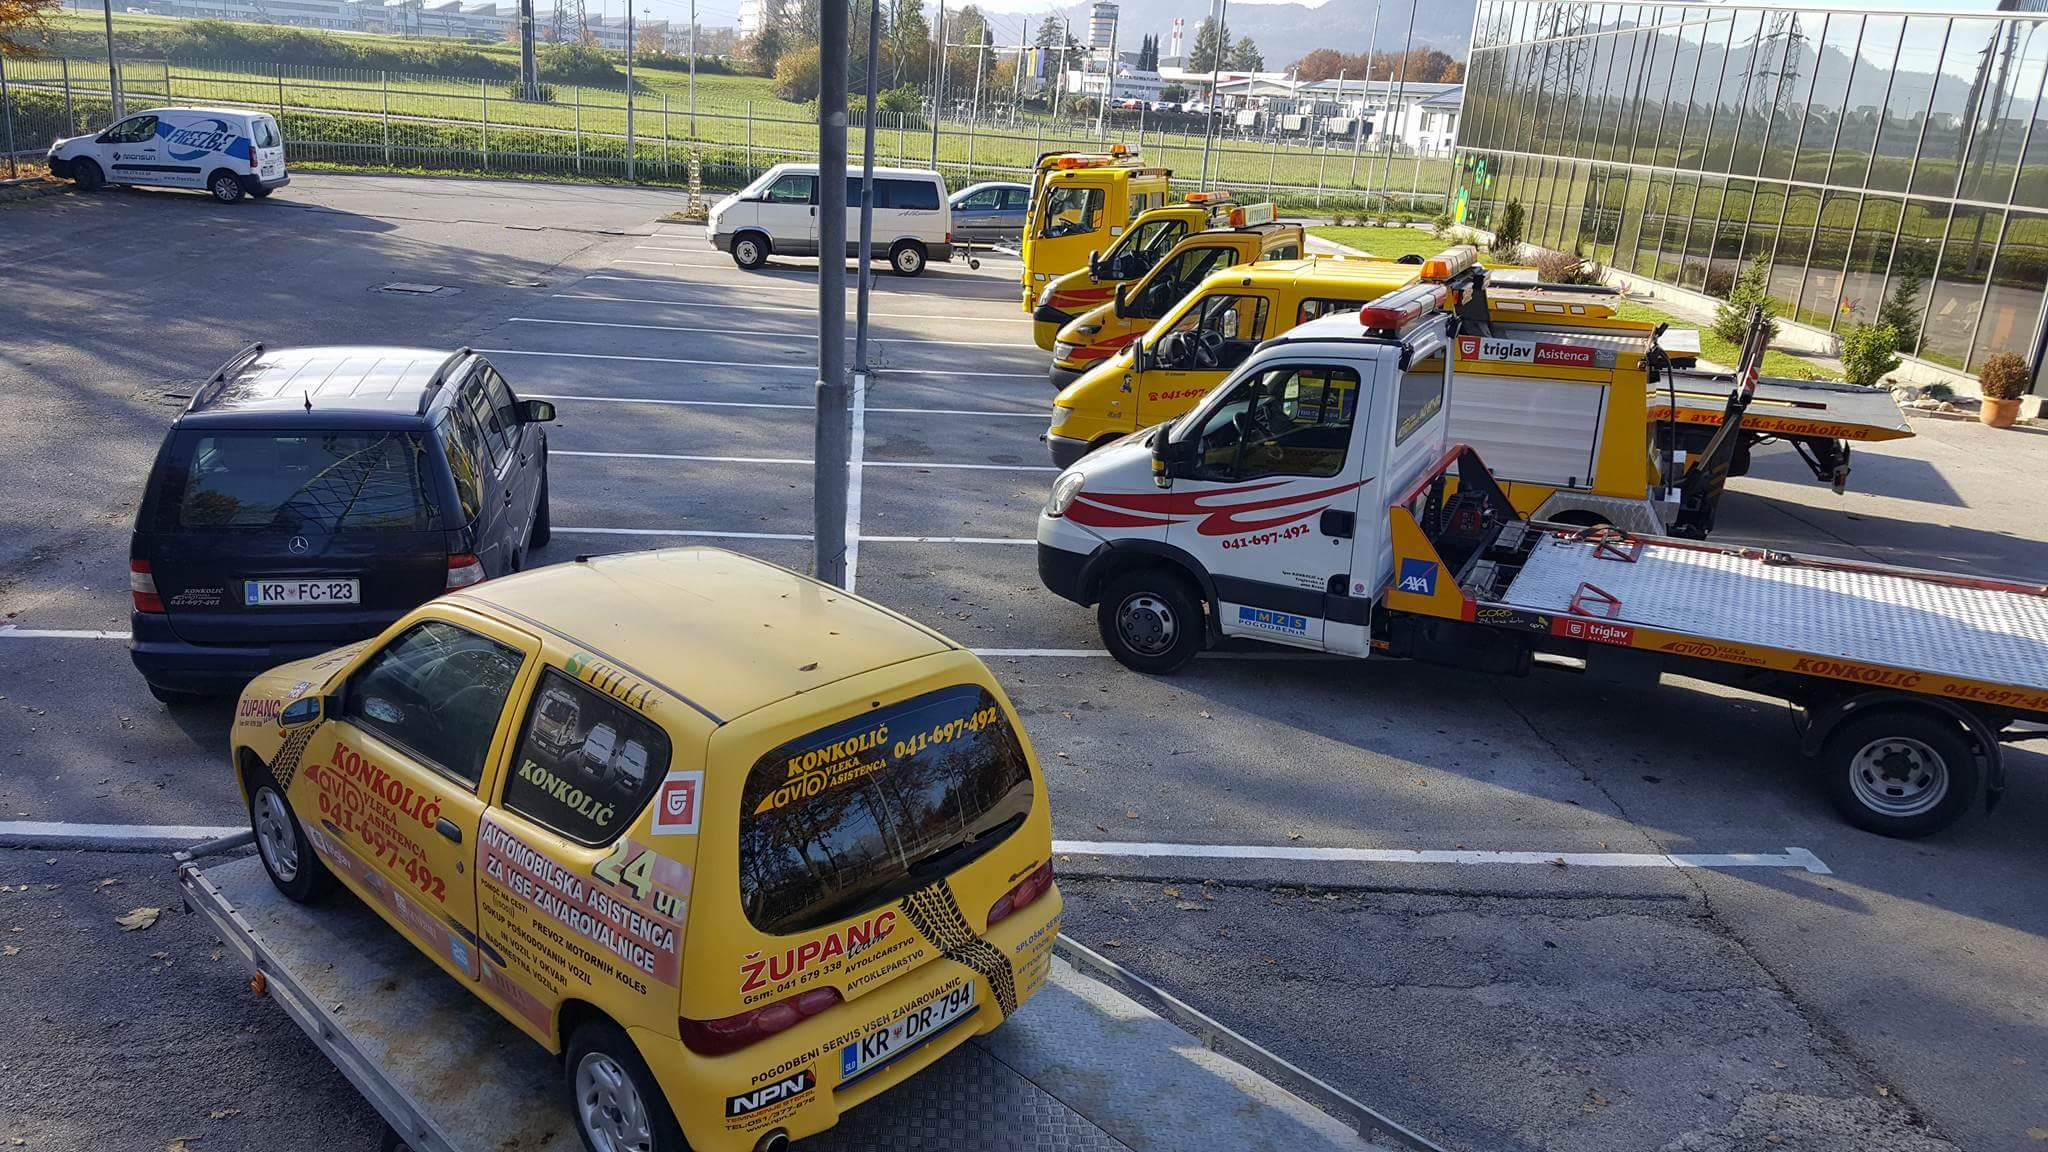 Avtovleka Kranj - Avtoasistenca Konkolič Kranj received_10206014330632463